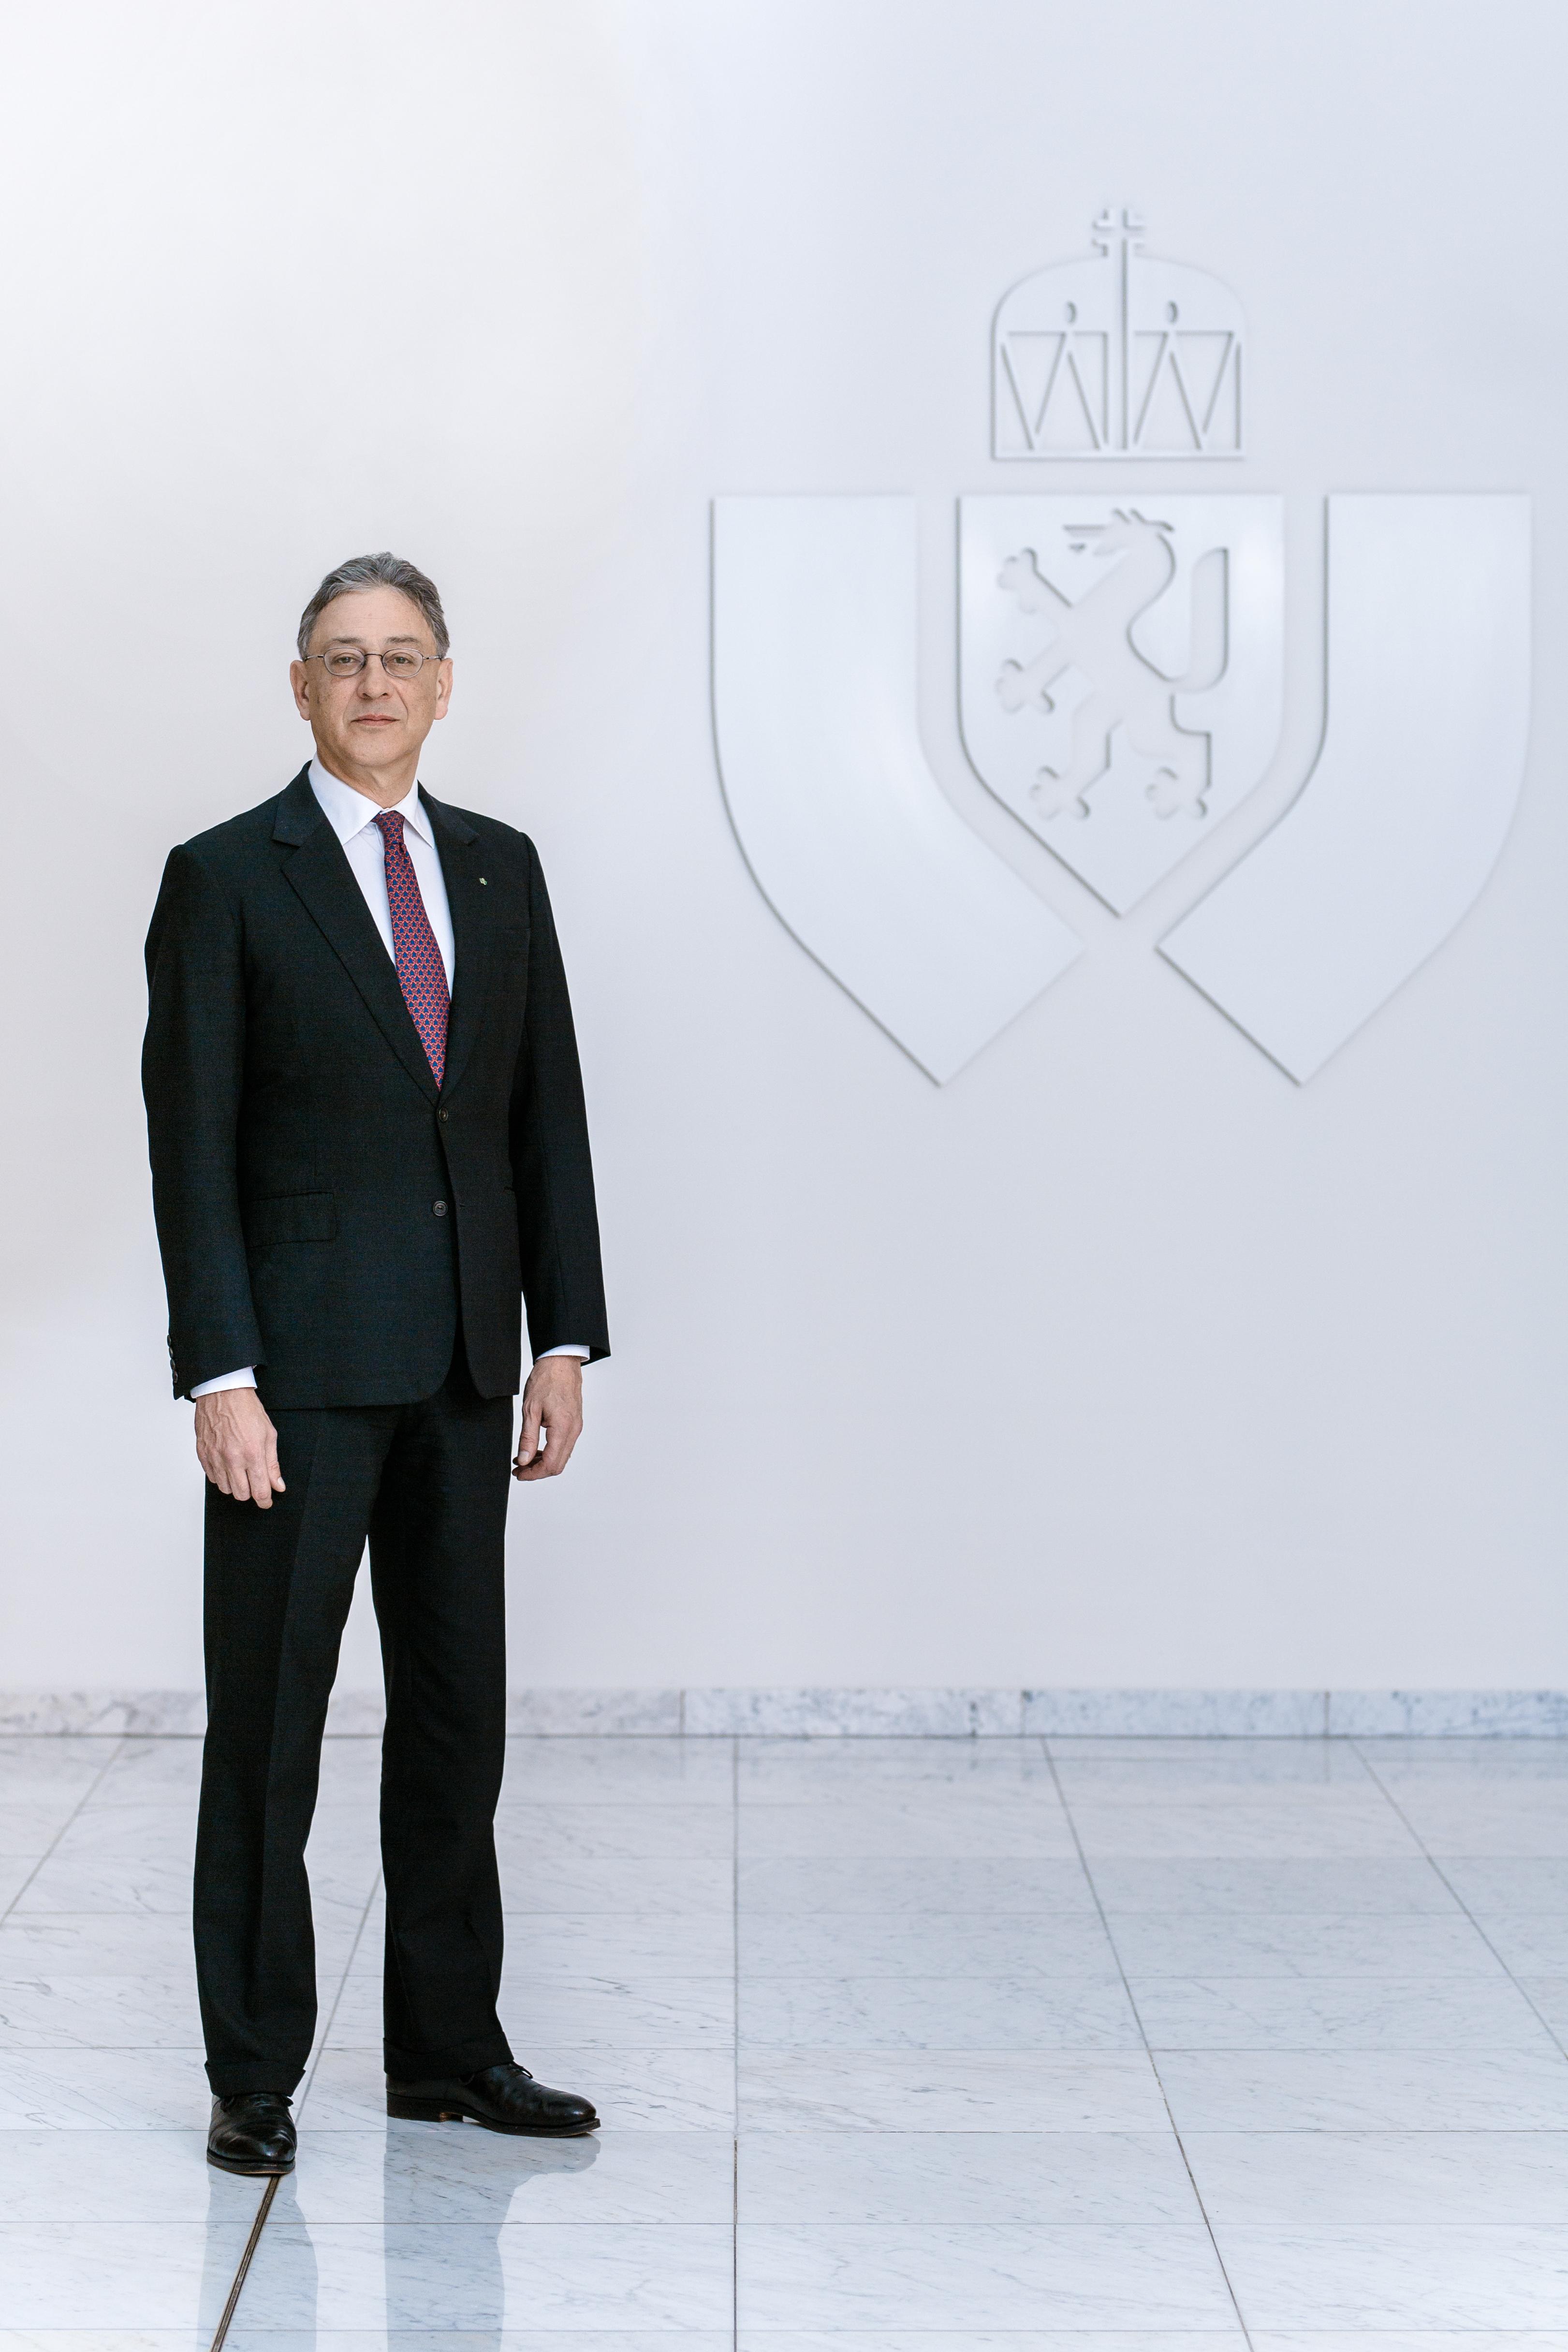 Vorsitzender des GRAWE Aufsichtsrats Dr. Philipp Meran